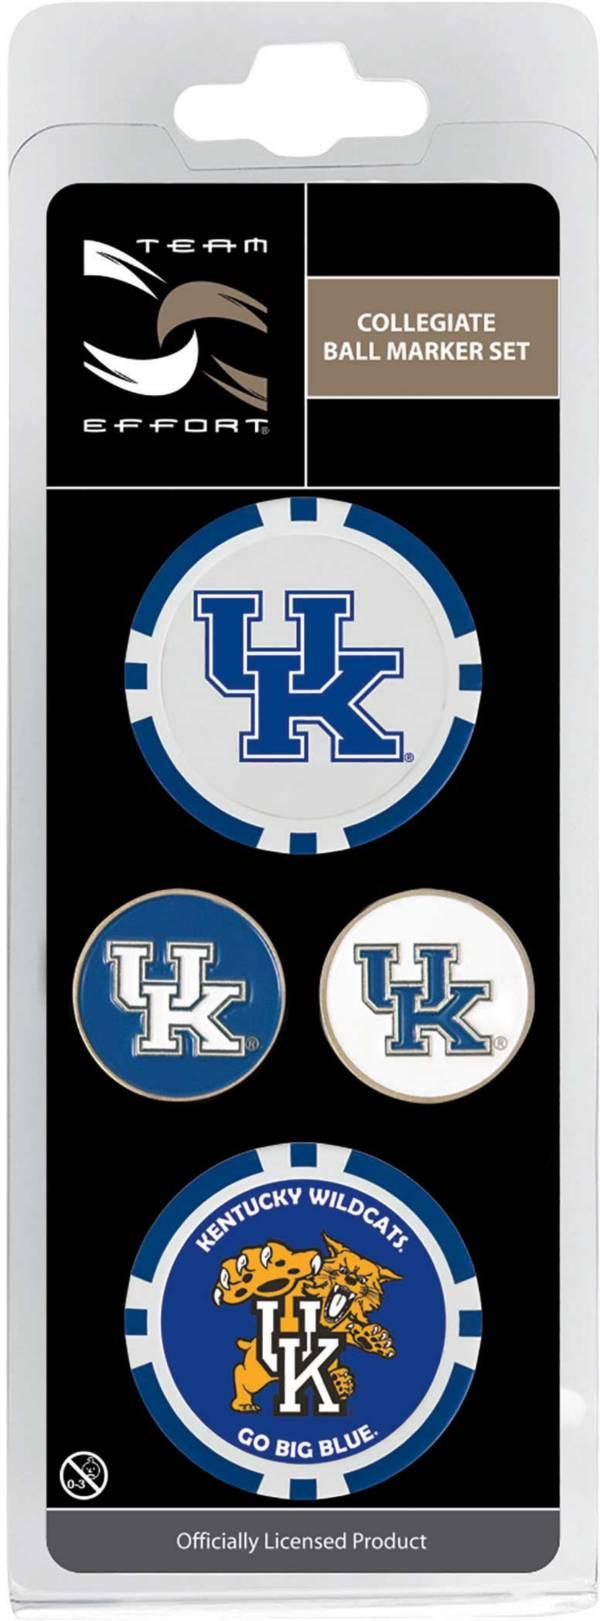 Team Effort Kentucky Wildcats Ball Marker Set product image